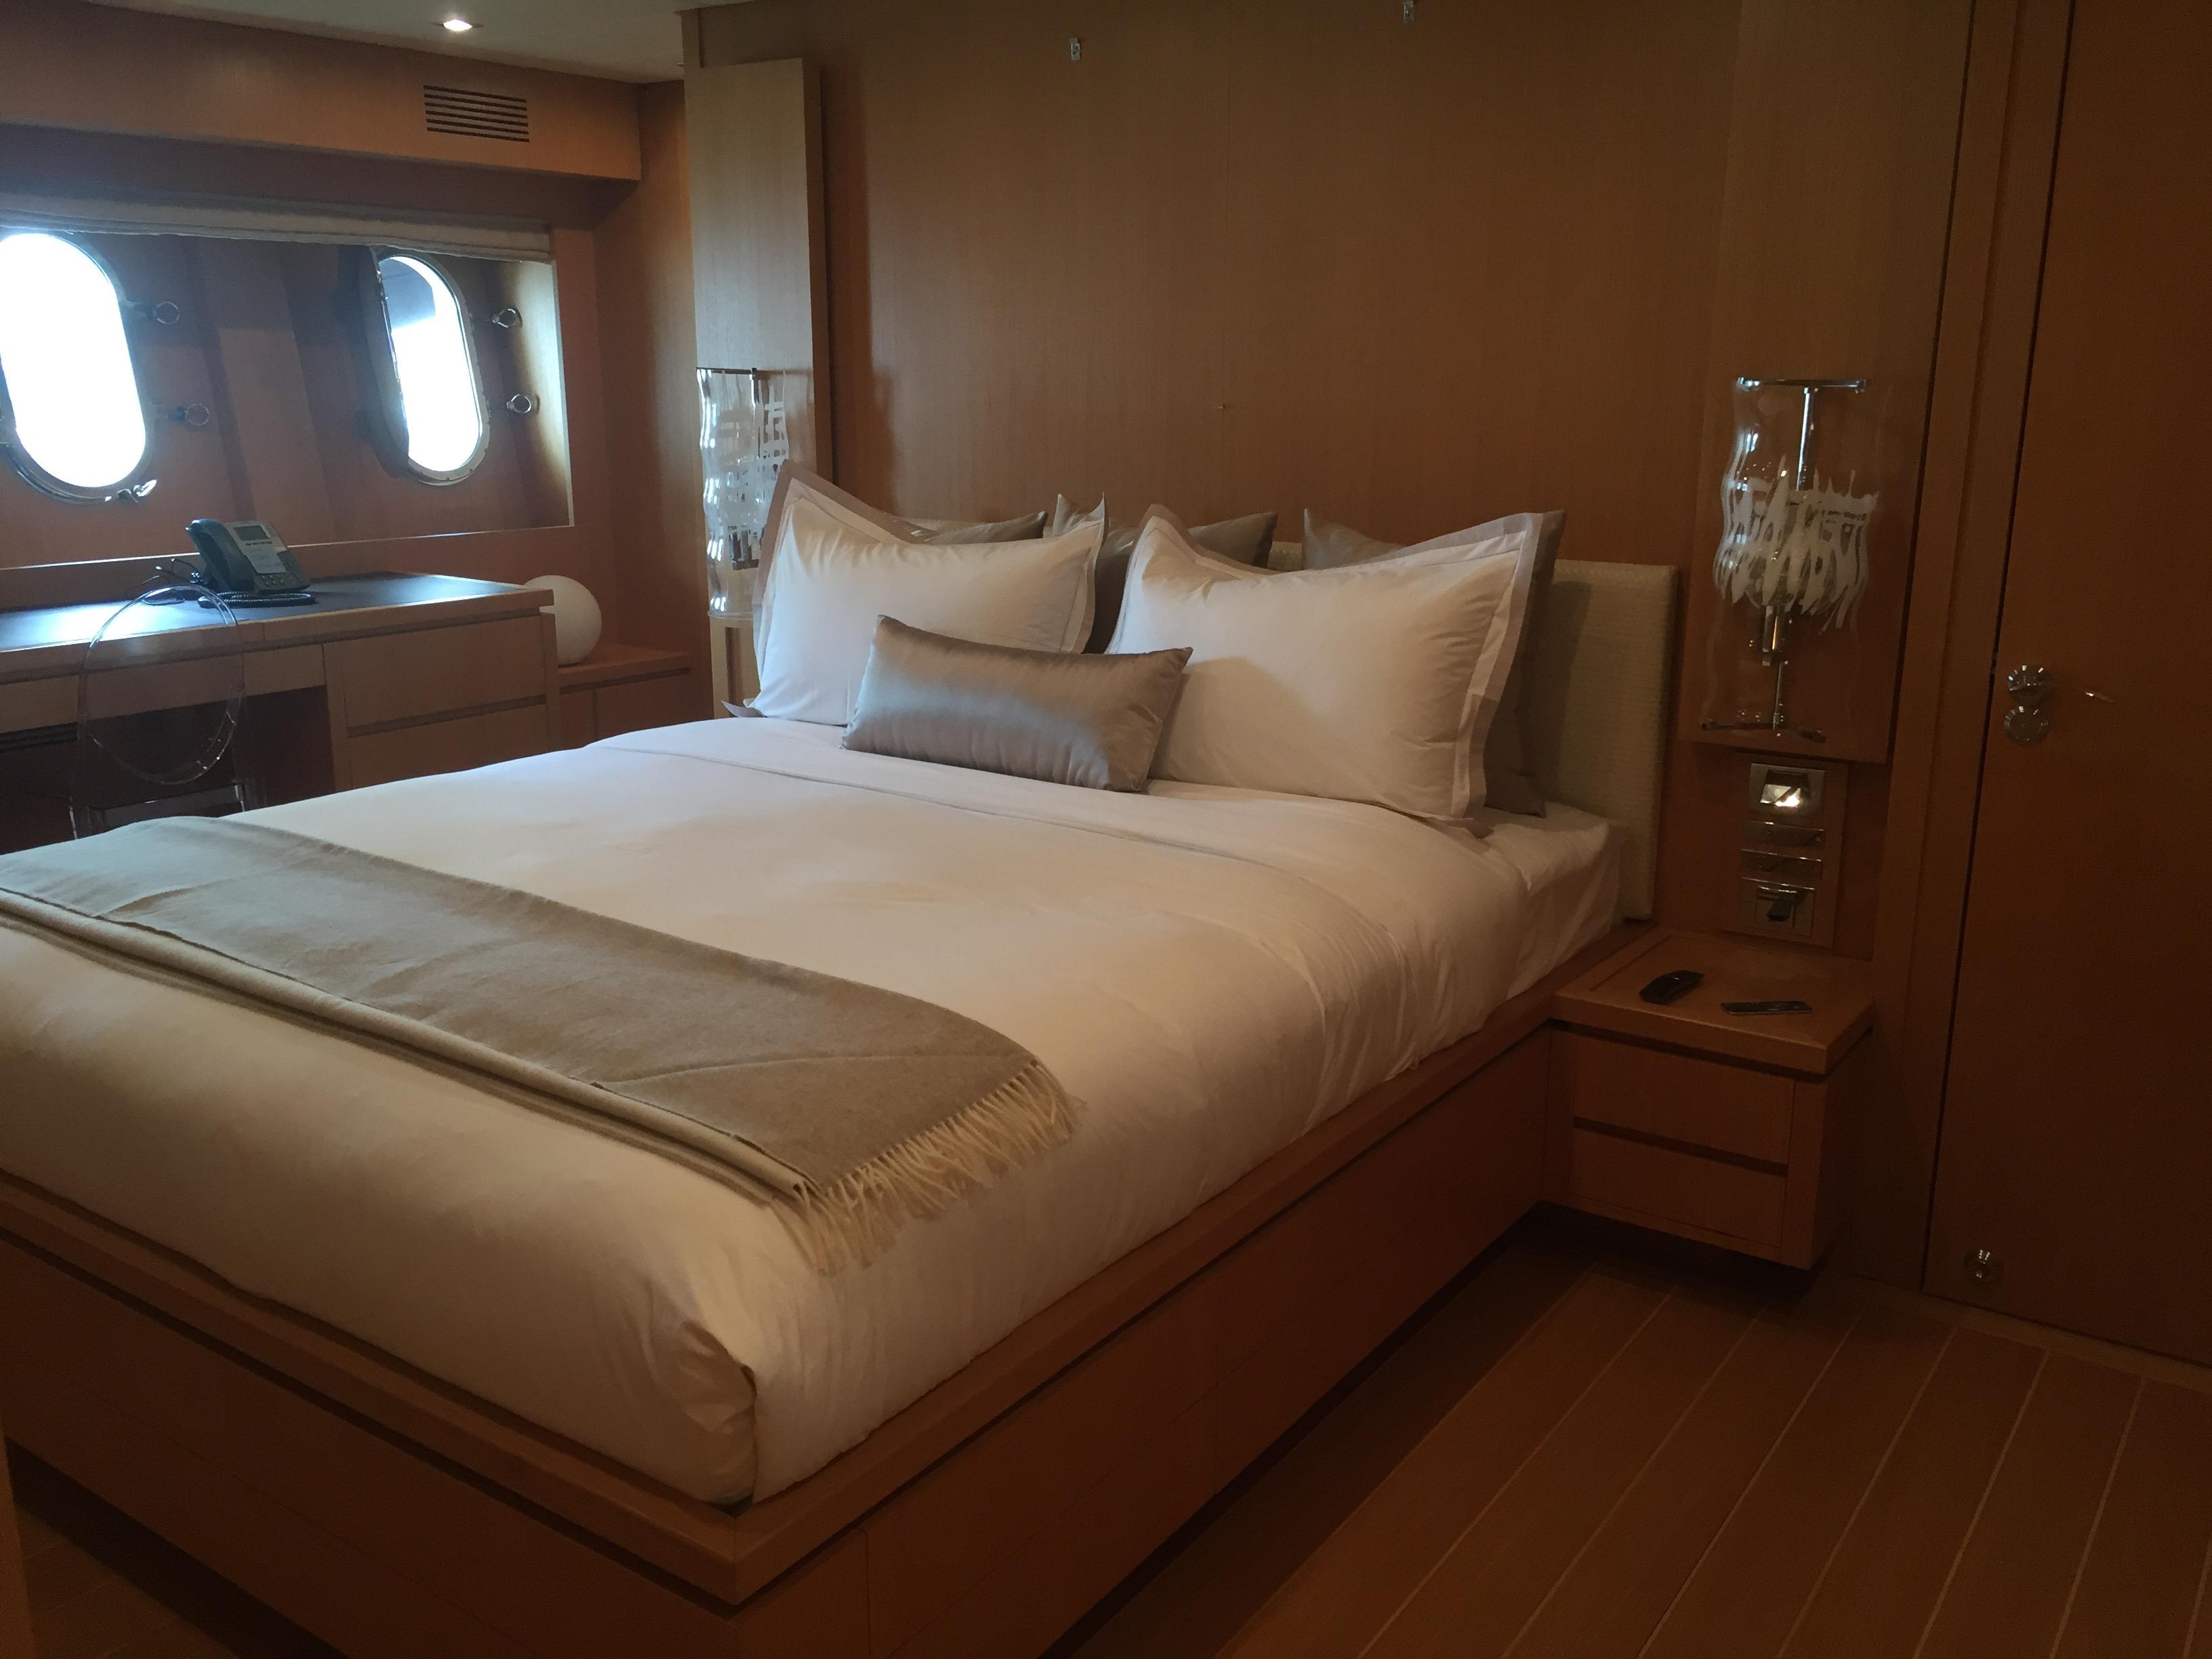 crisp percale bed linens